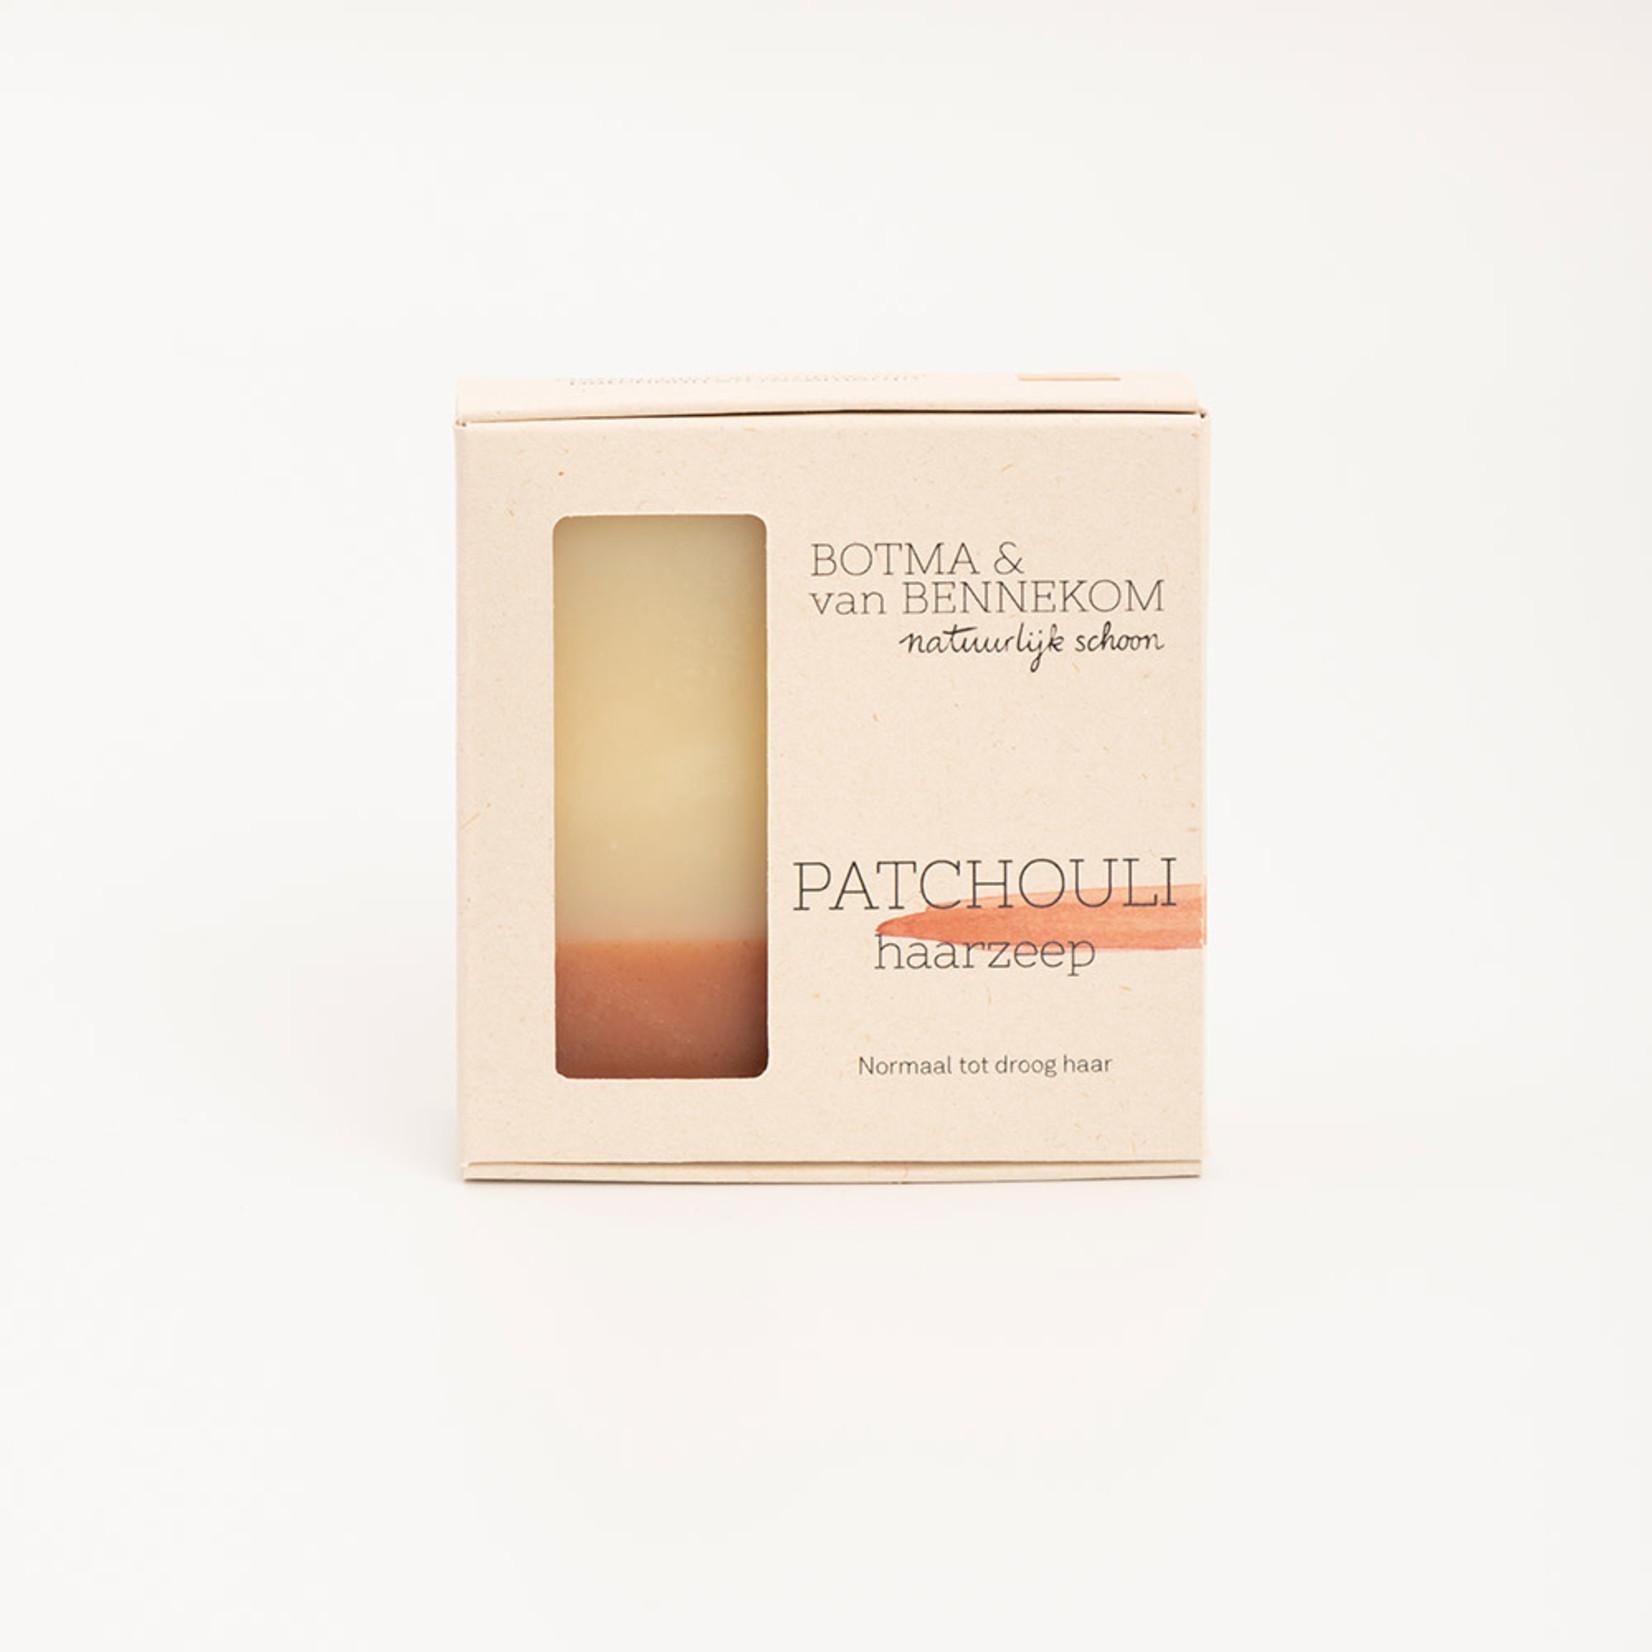 Botma & van Bennekom • patchouli haarzeep 100 g